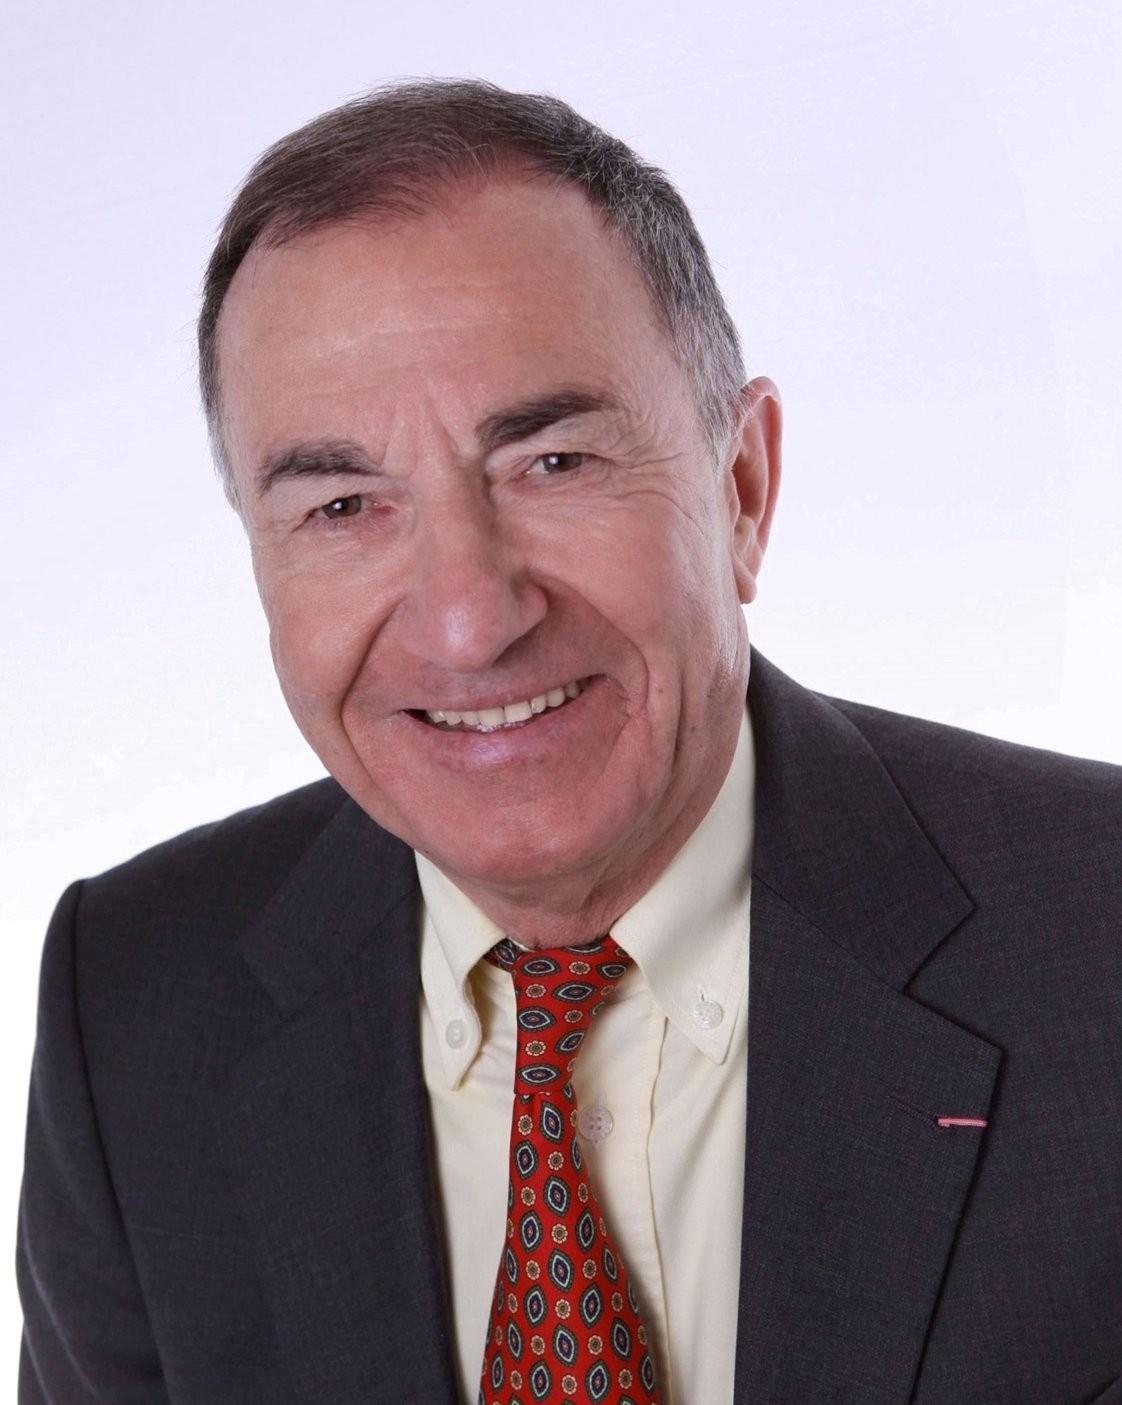 Louis Esparza